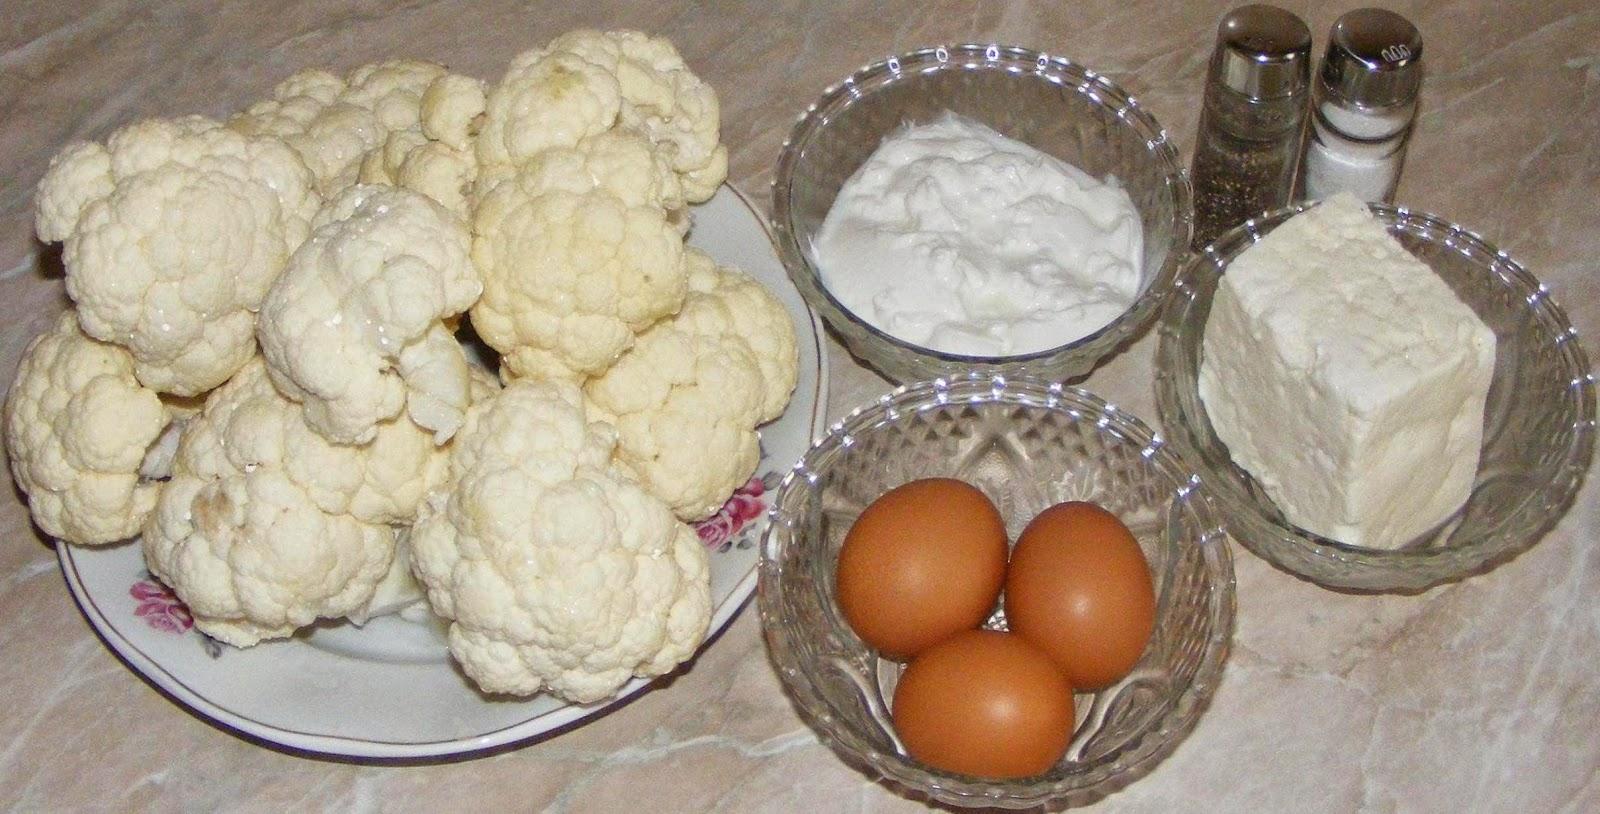 ingrediente mancare de conopida la cuptor, cum se prepara conopida la cuptor, cum facem conopida la cuptor, cum preparam conopida la cuptor, retete cu conopida, preparate din conopida,